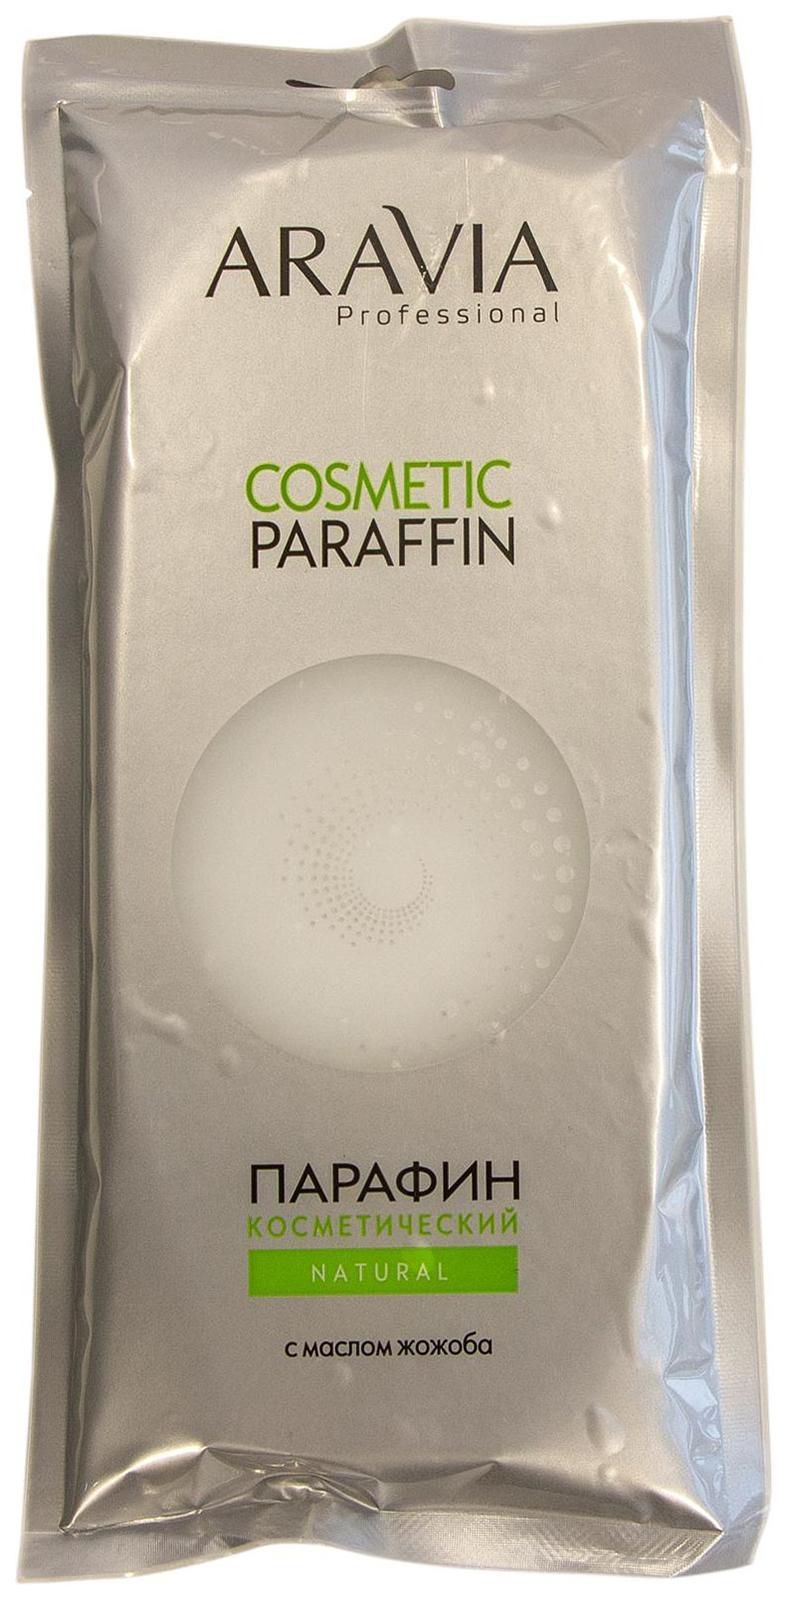 Купить Парафин косметический Aravia Professional Натуральный, 500 г, с маслом жожоба, Парафин косметический натуральный Spa - Manicure